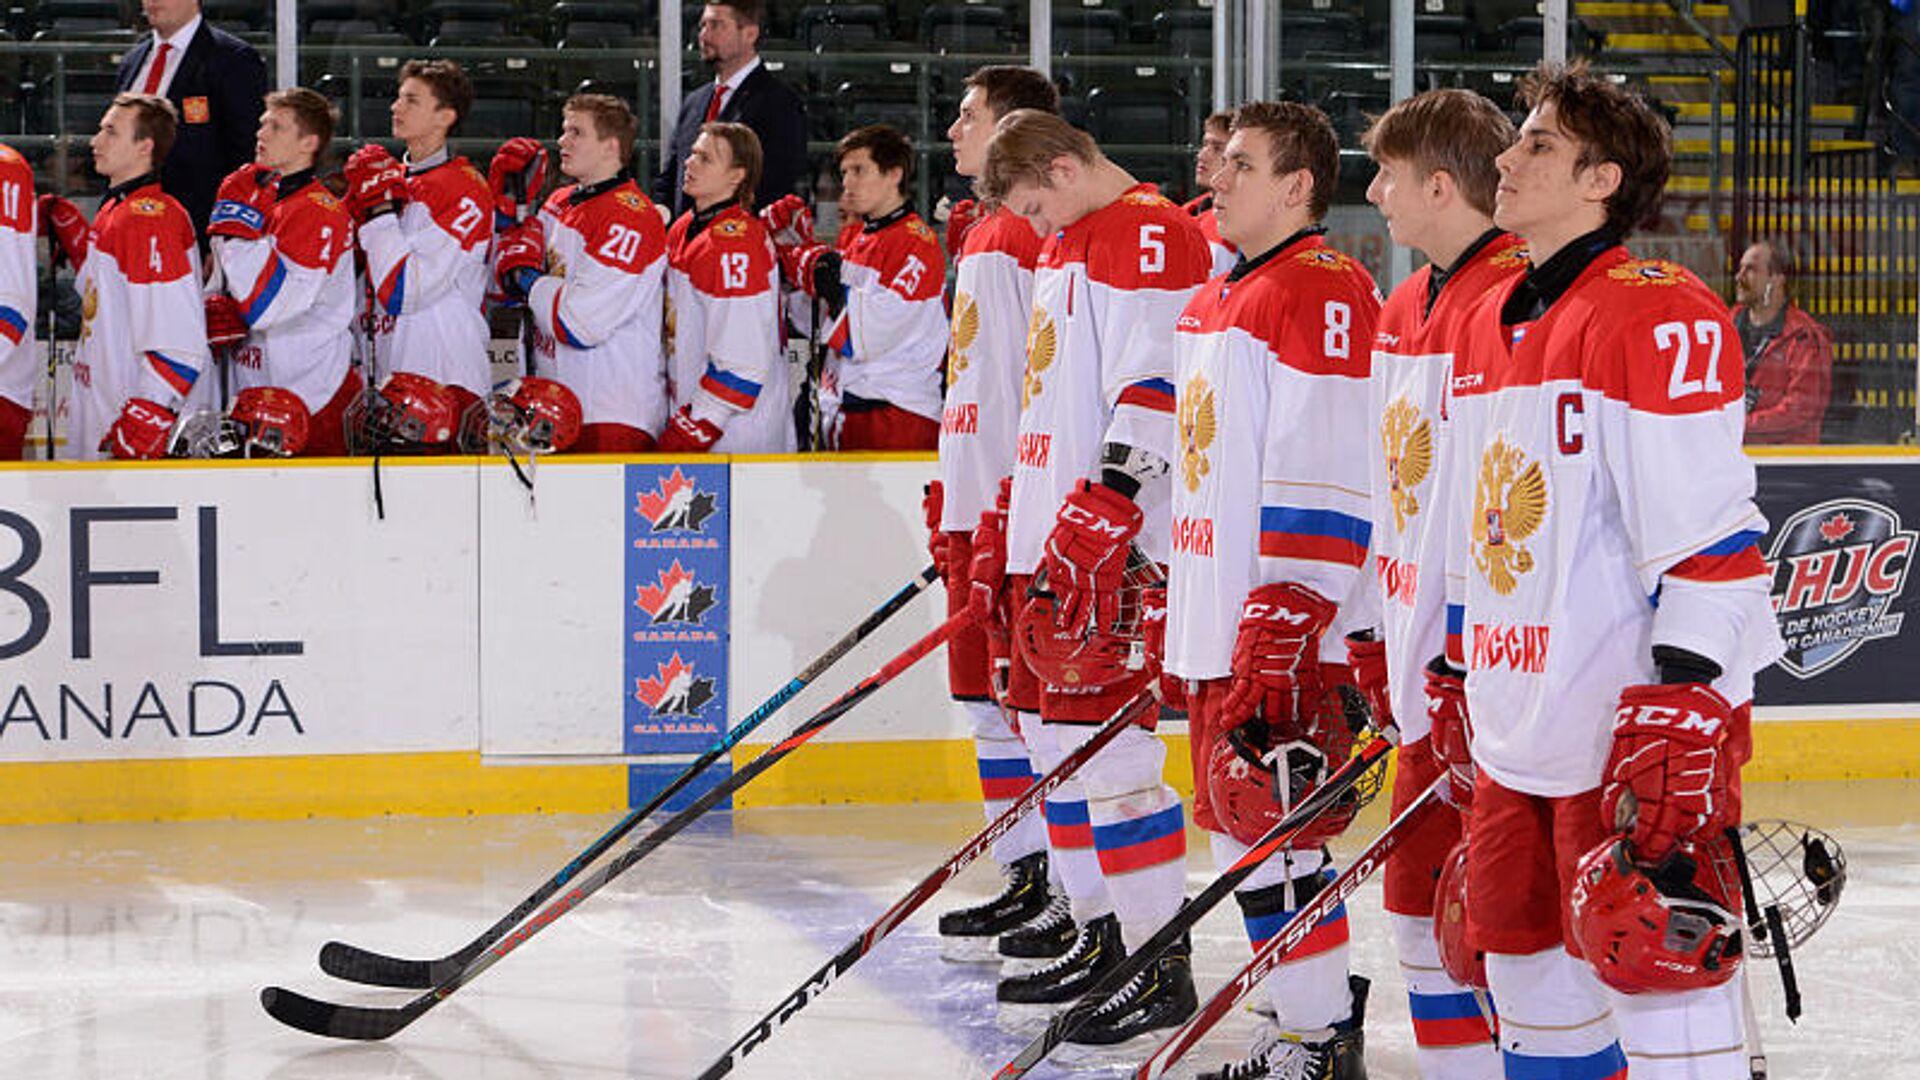 Юниорская сборная России по хоккею - РИА Новости, 1920, 09.10.2021